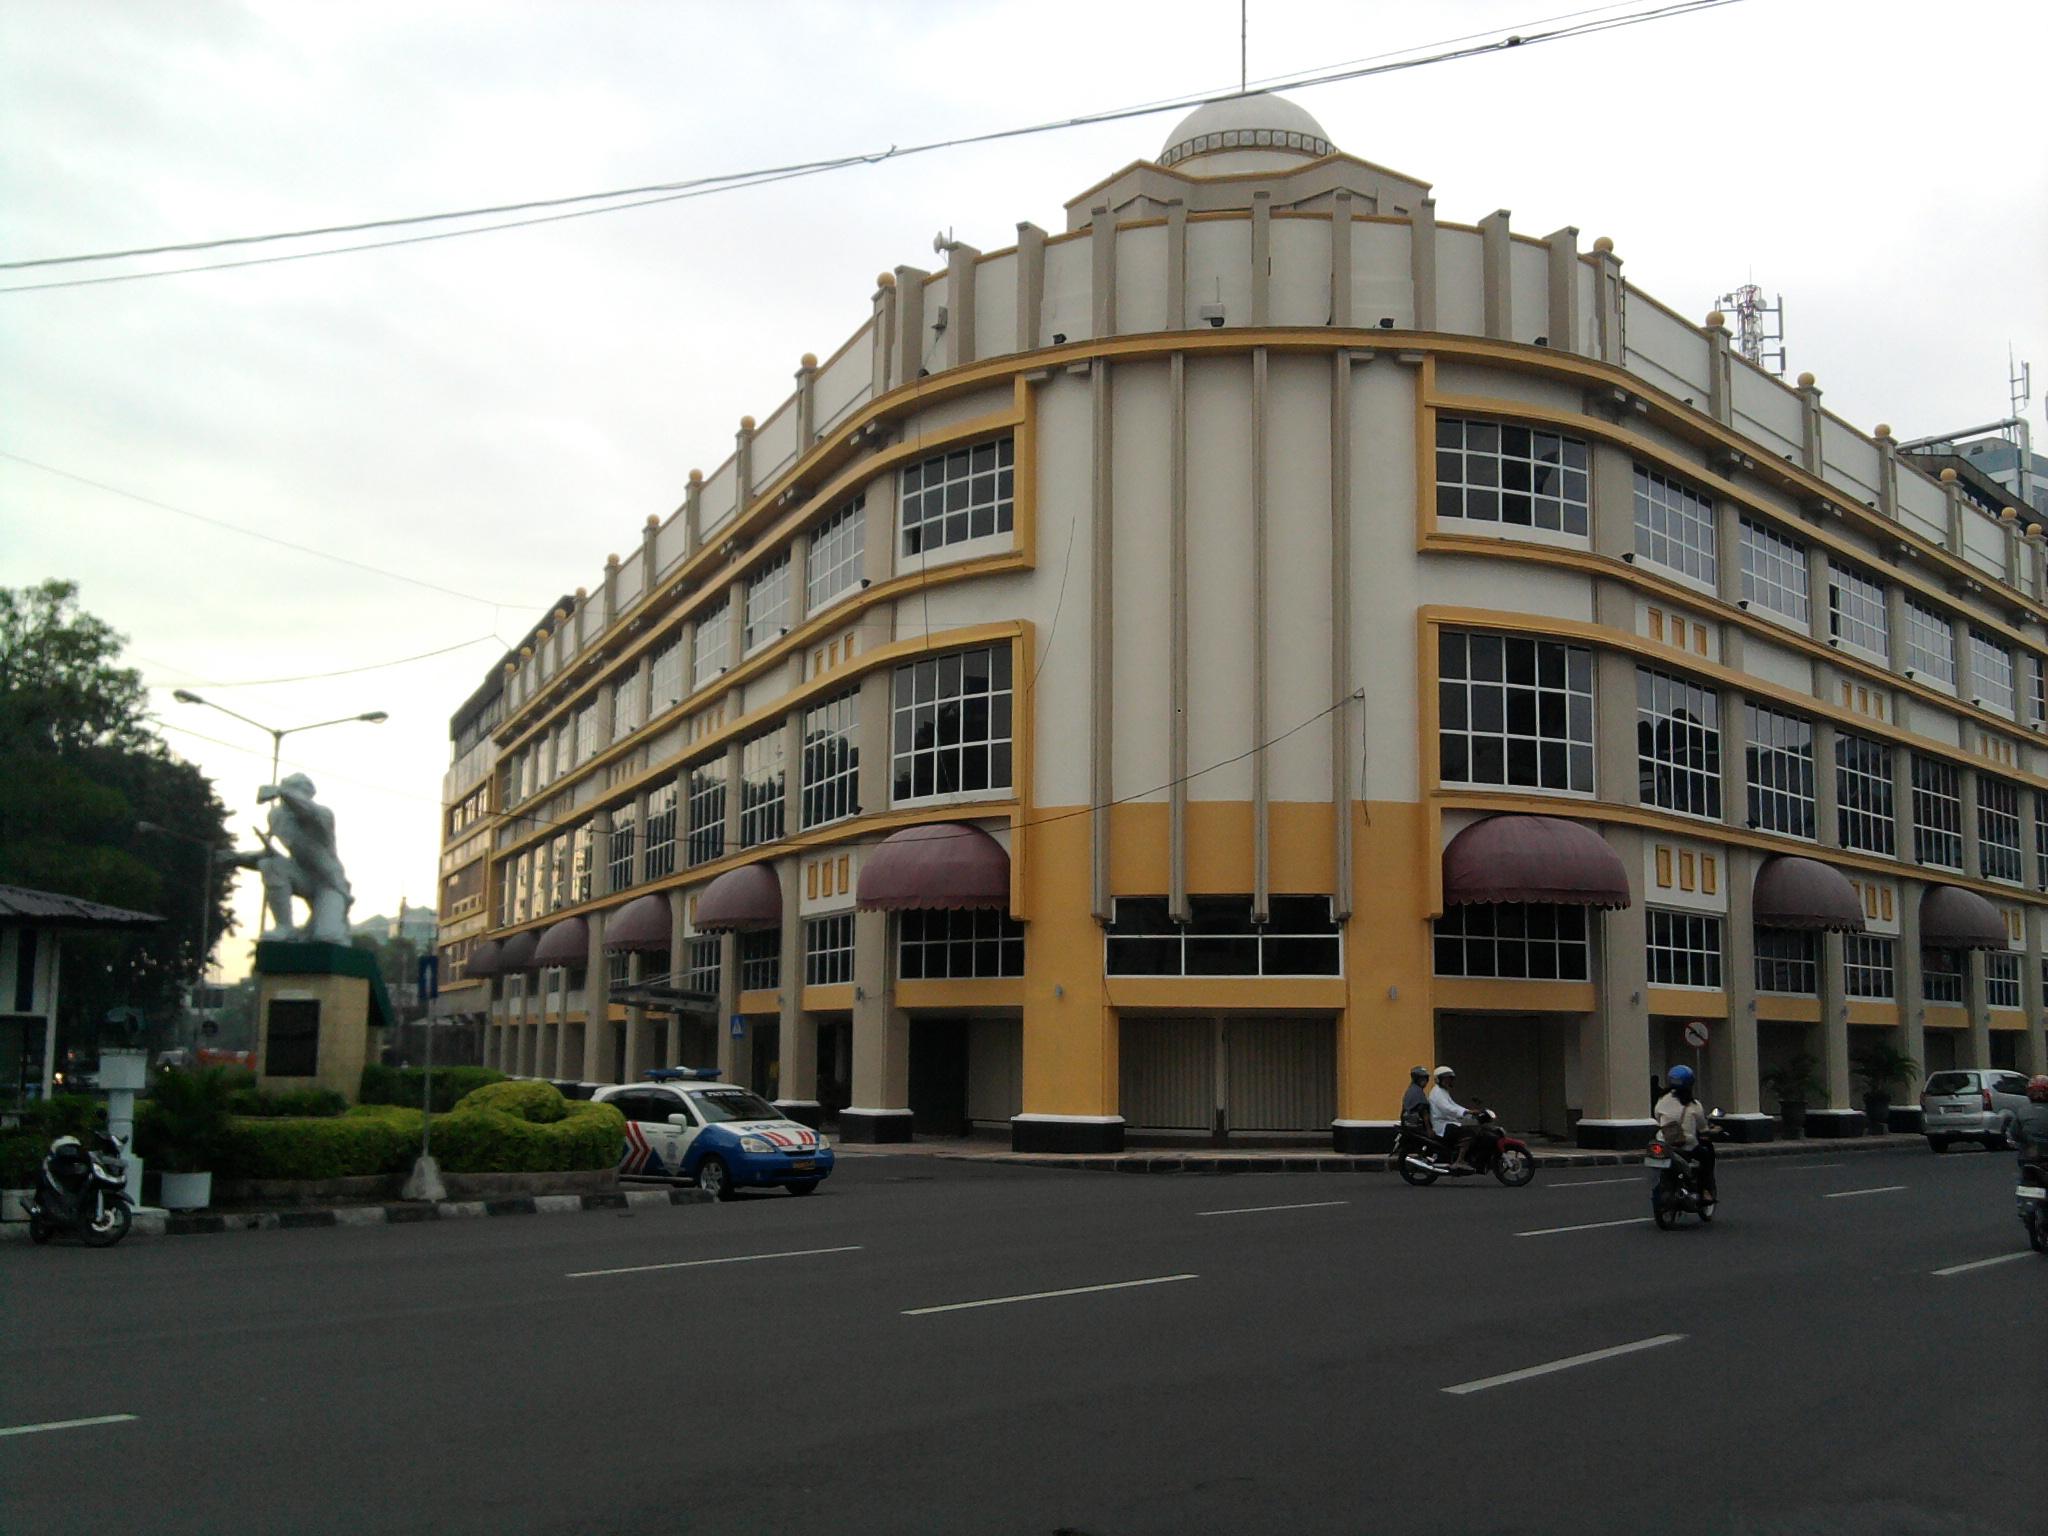 Wisata Murah Kota Tua Surabaya Jatim Salah Satu Gedung Rumah